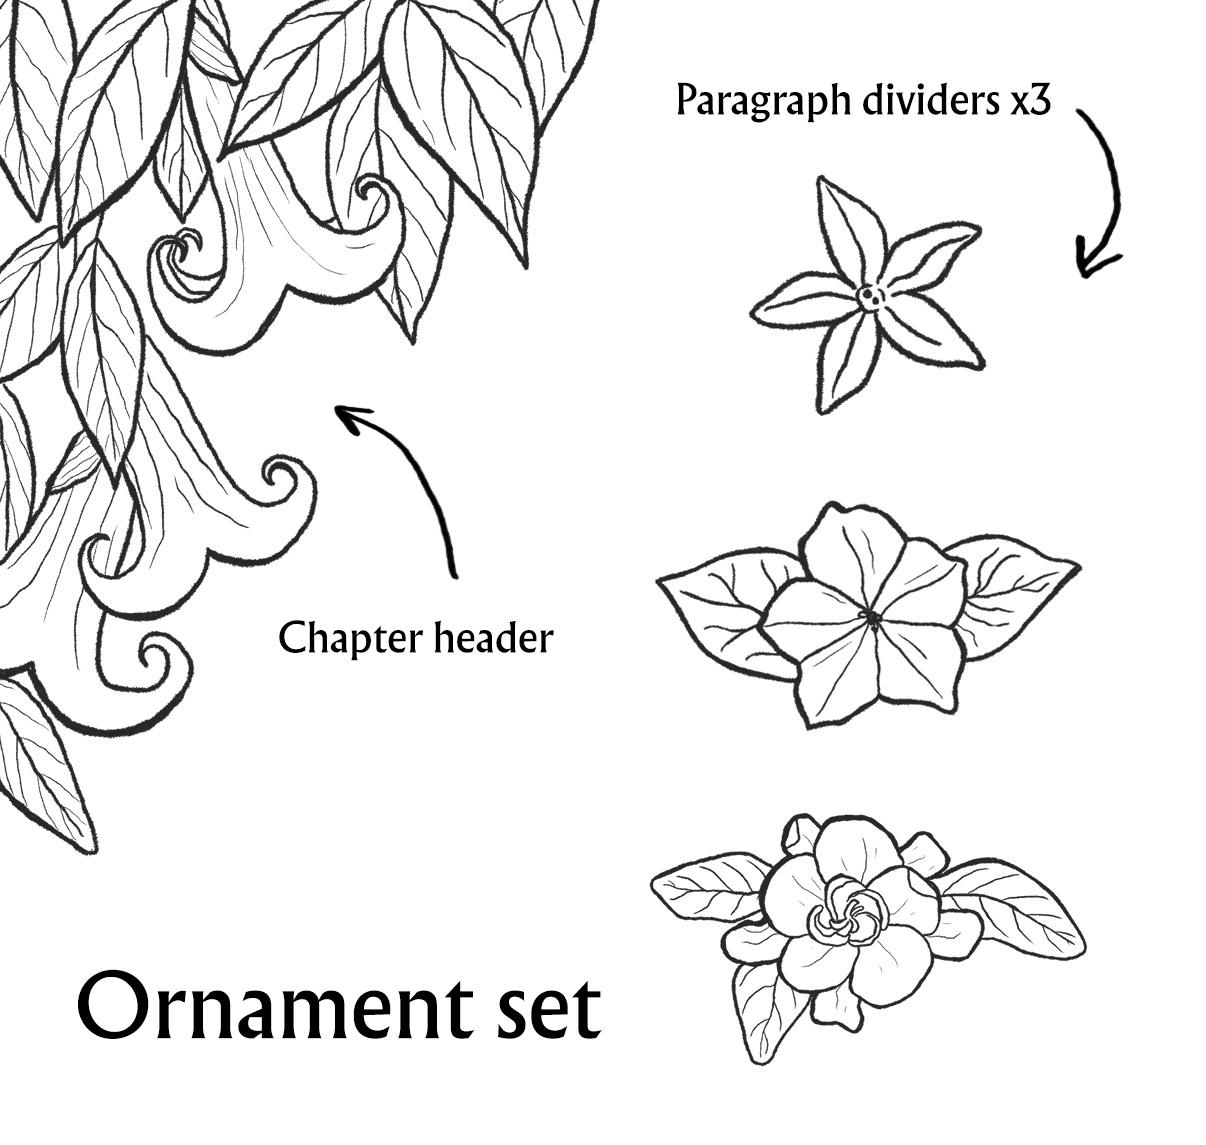 Ornament set copy.jpg